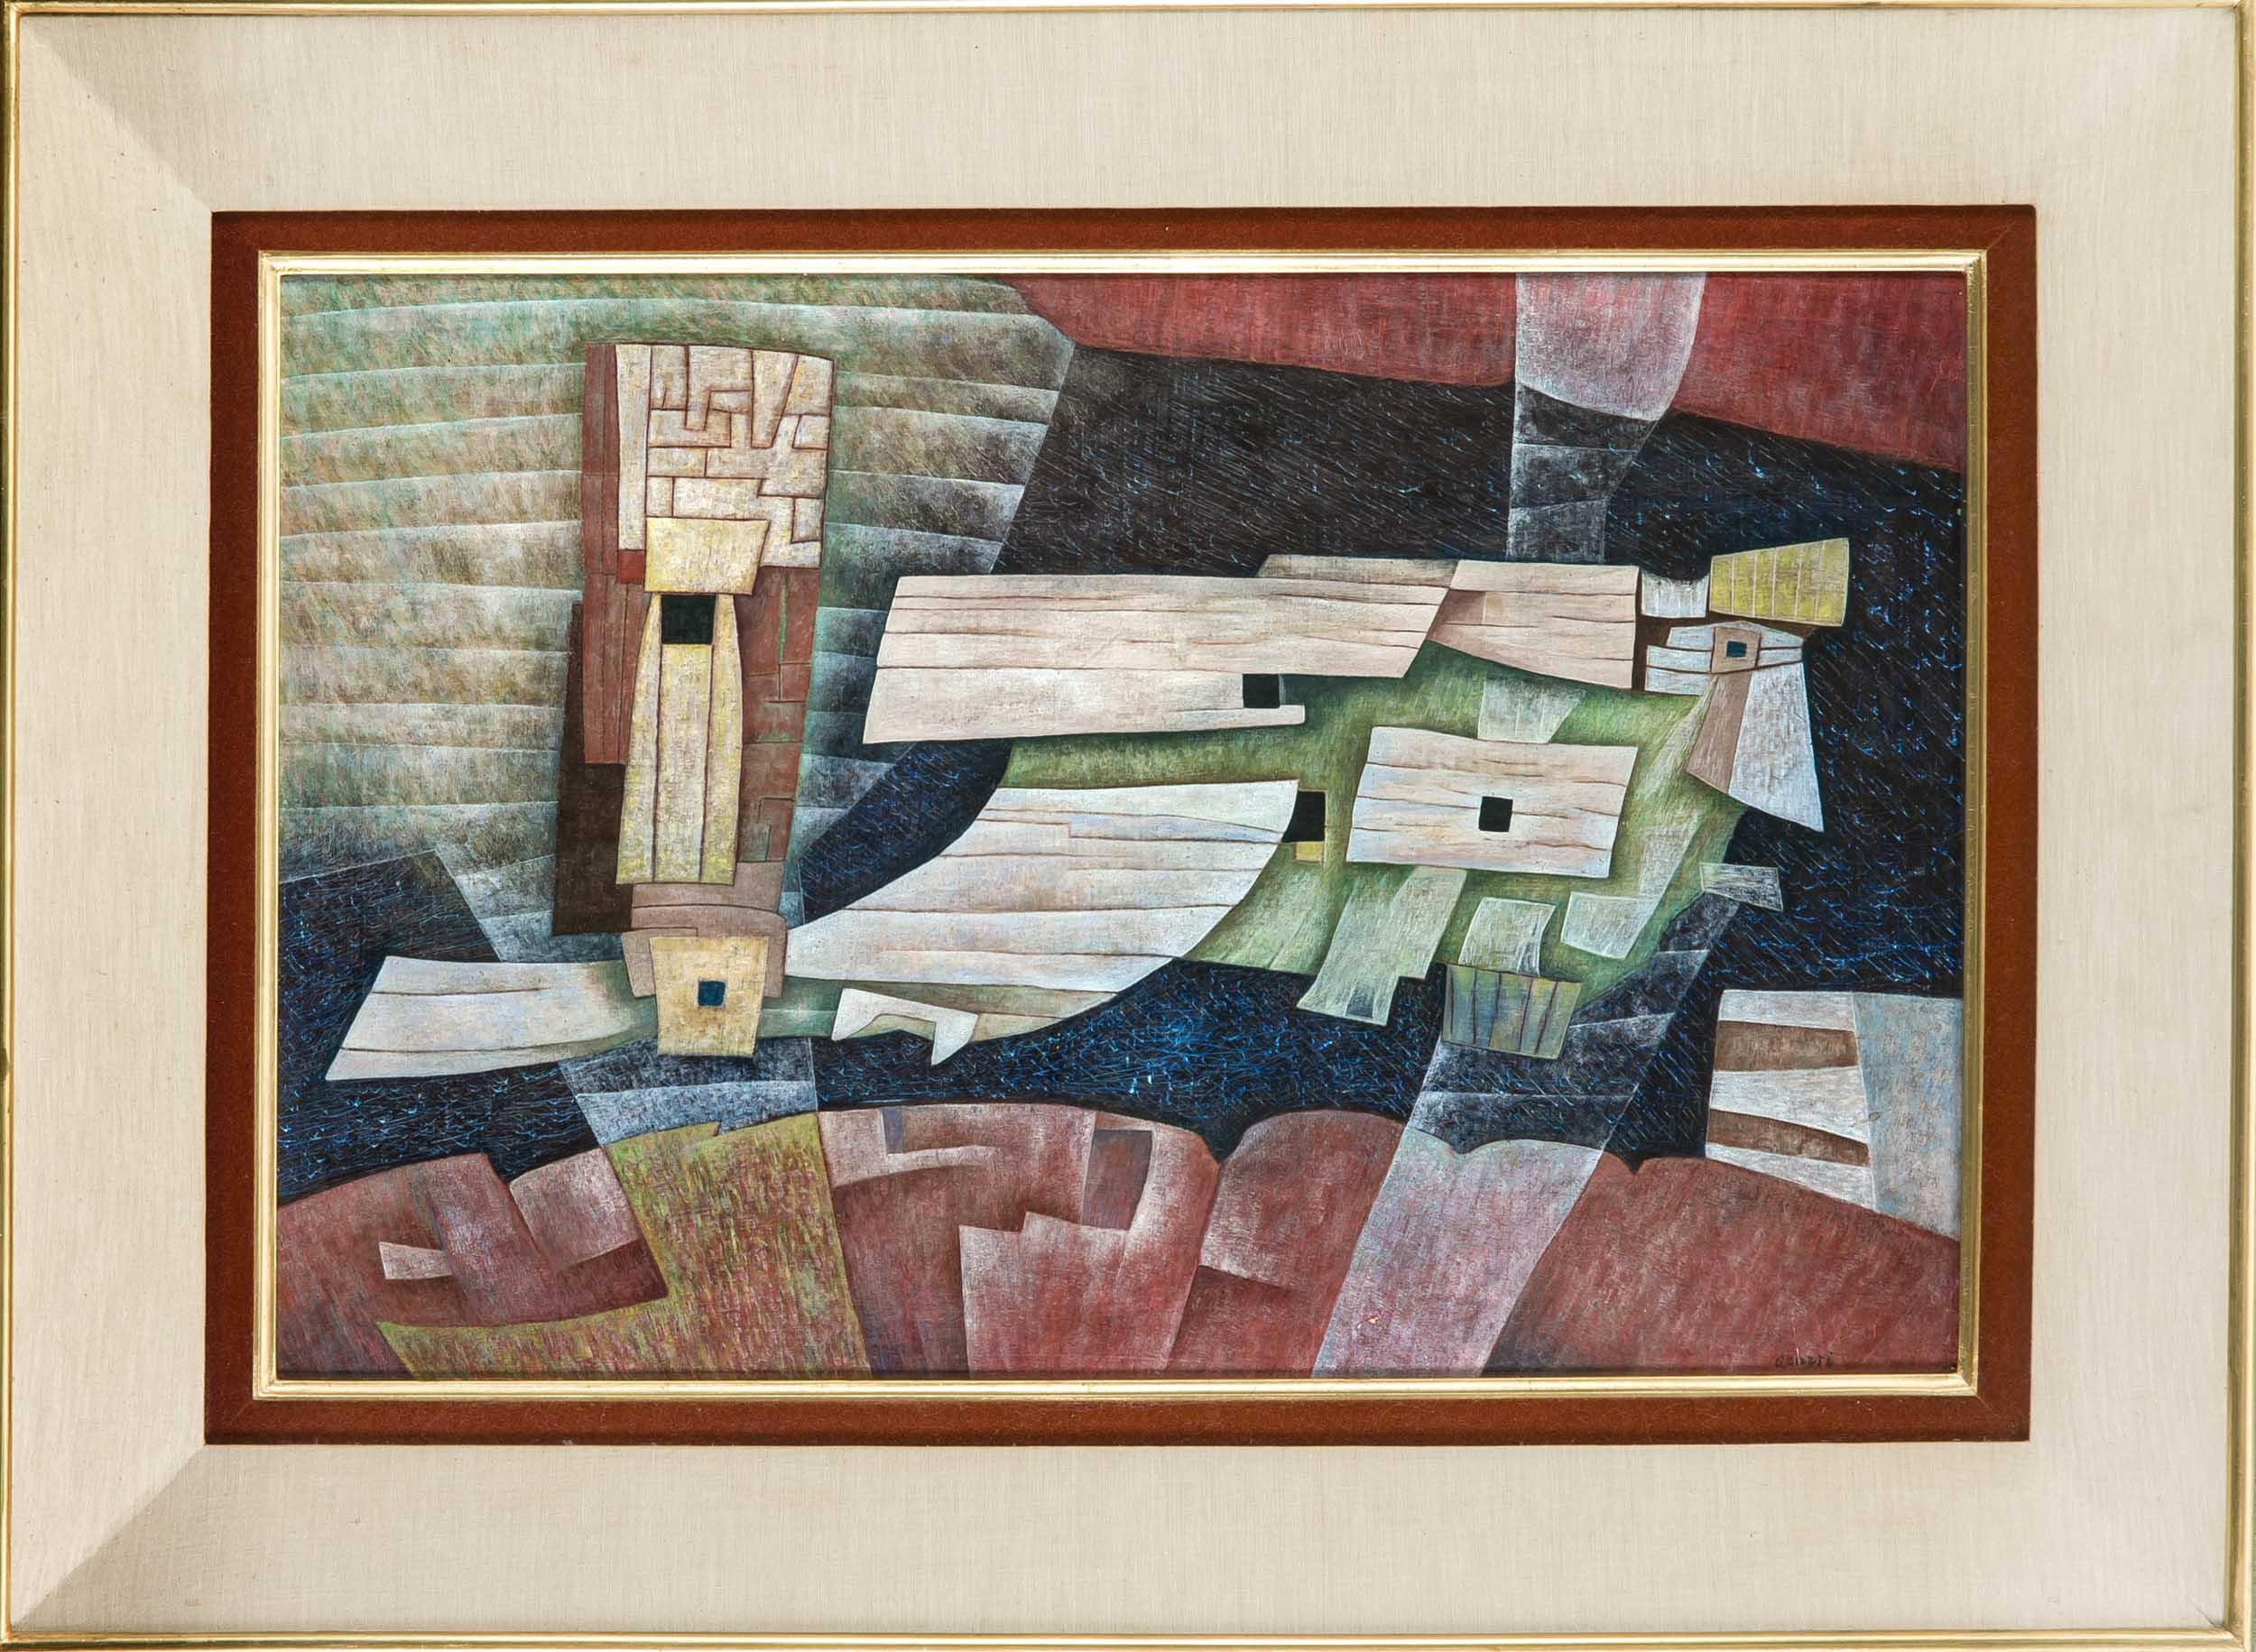 GUNTHER GERZSO WENDLAND (1915-2000) - Abstrakte Komposition, Öl/Hartfaser, signiert